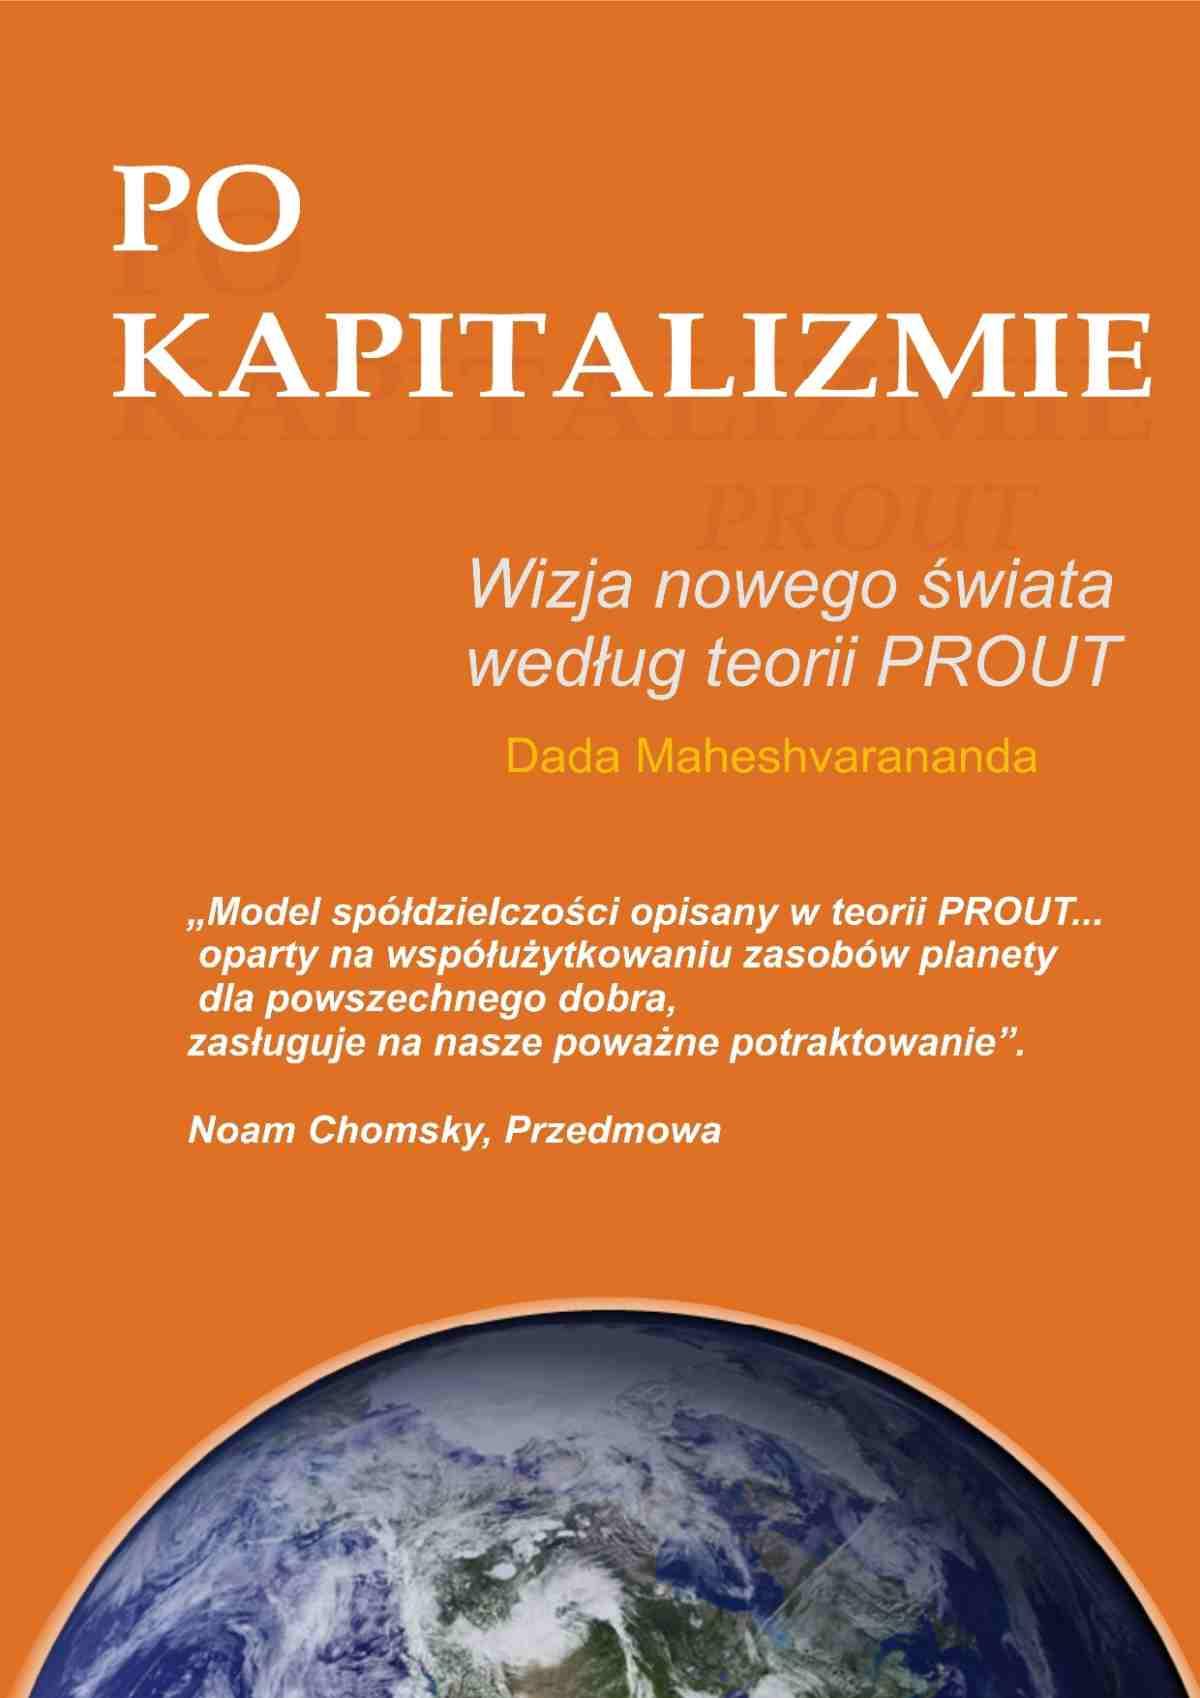 Po kapitalizmie. Wizja nowego świata według teorii PROUT - Ebook (Książka PDF) do pobrania w formacie PDF